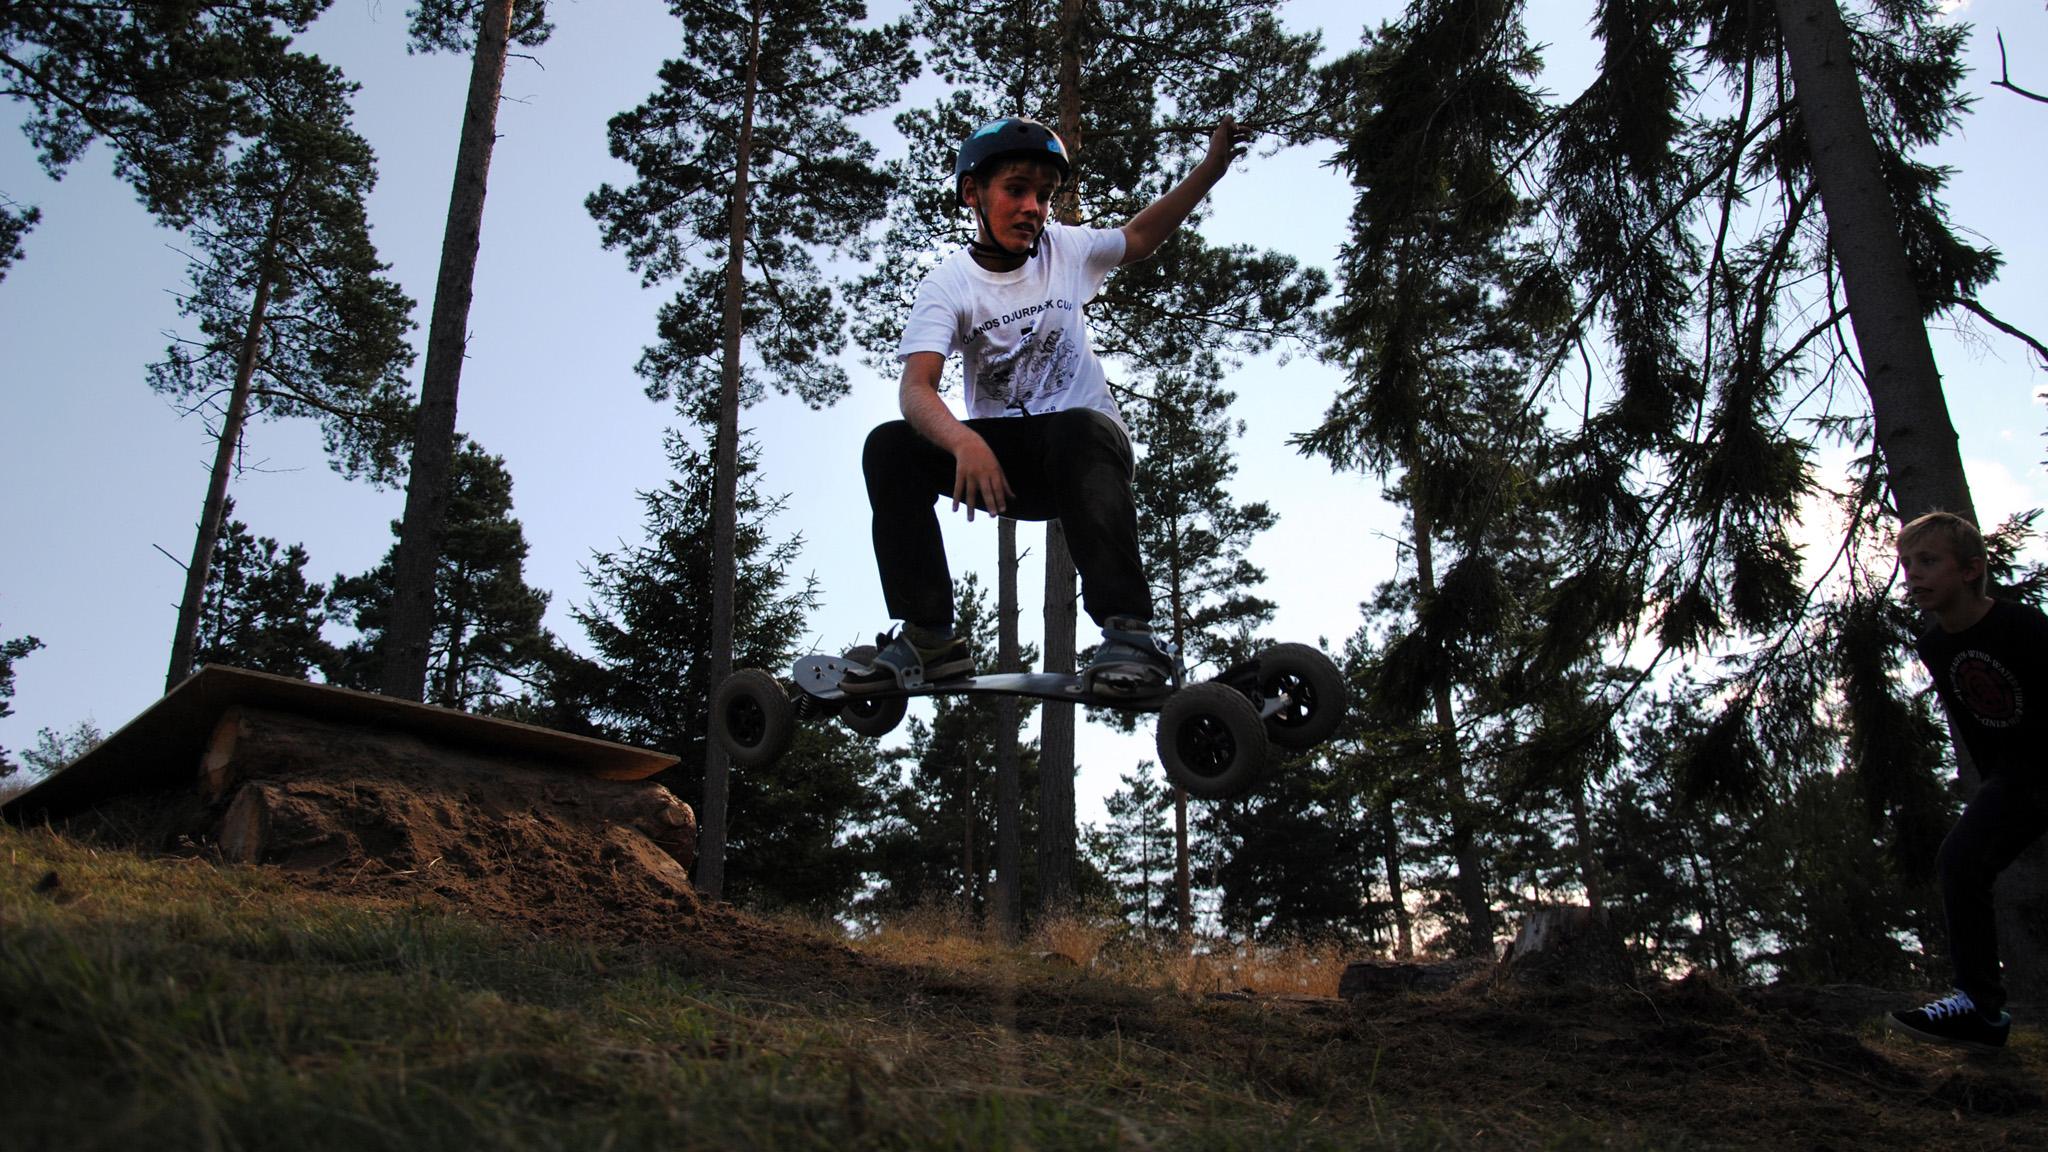 Ungdomssektionen i Brösarps Alpina Skidklubb arrangerade ett mountainboardcamp i skidbacken.